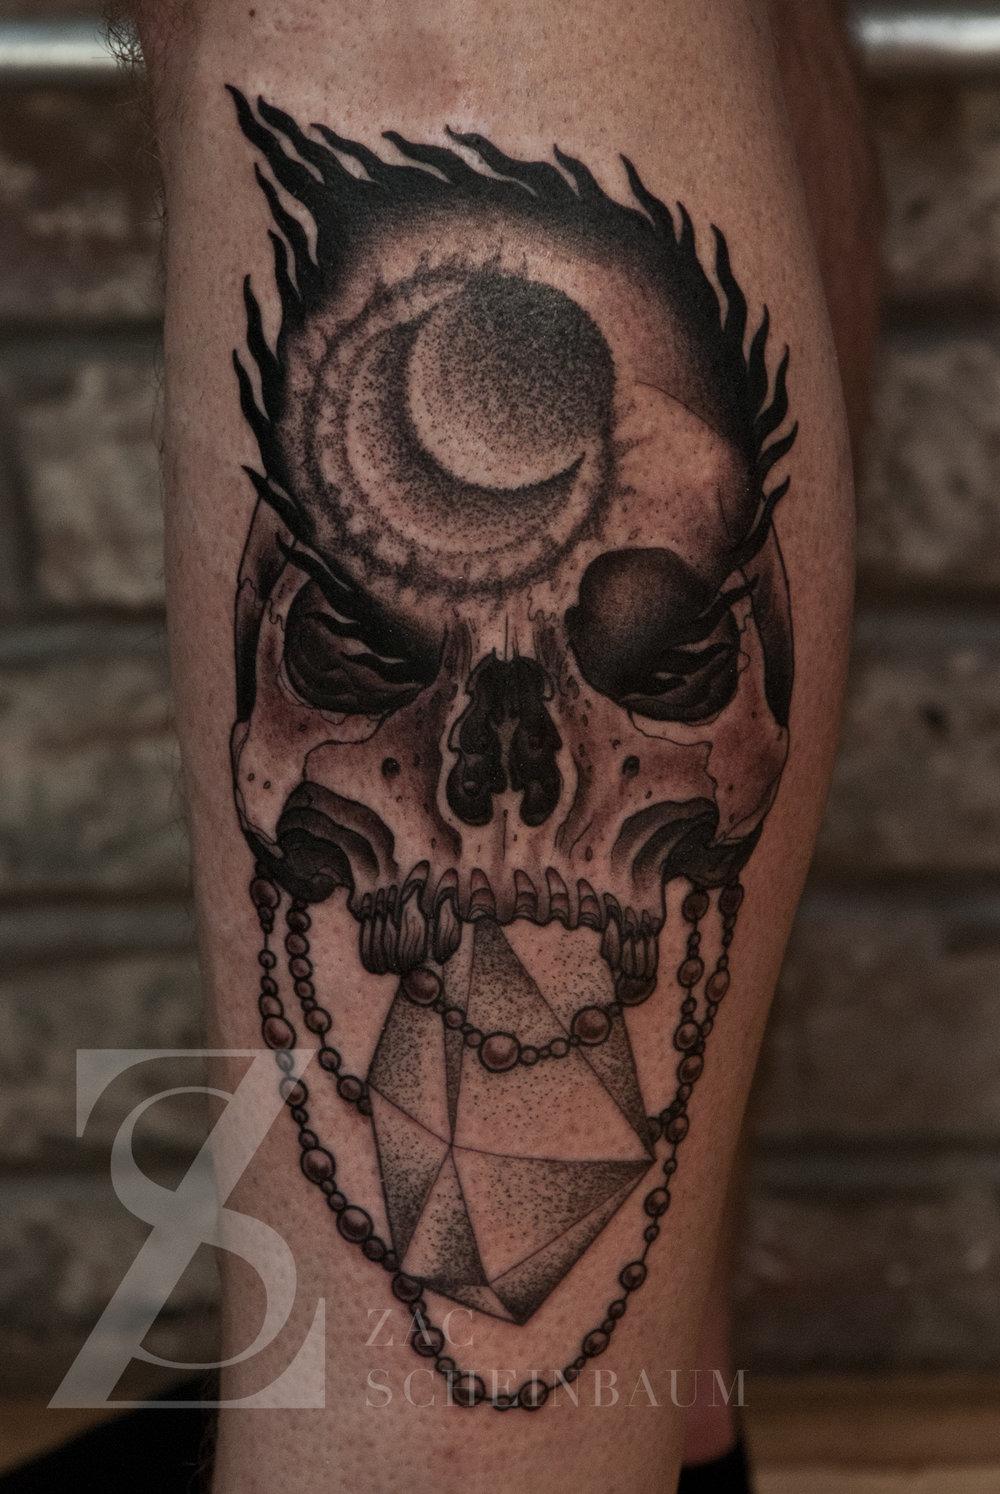 zac-scheinbaum-saved-tattoo-todd-full-2012-2012-1.jpg